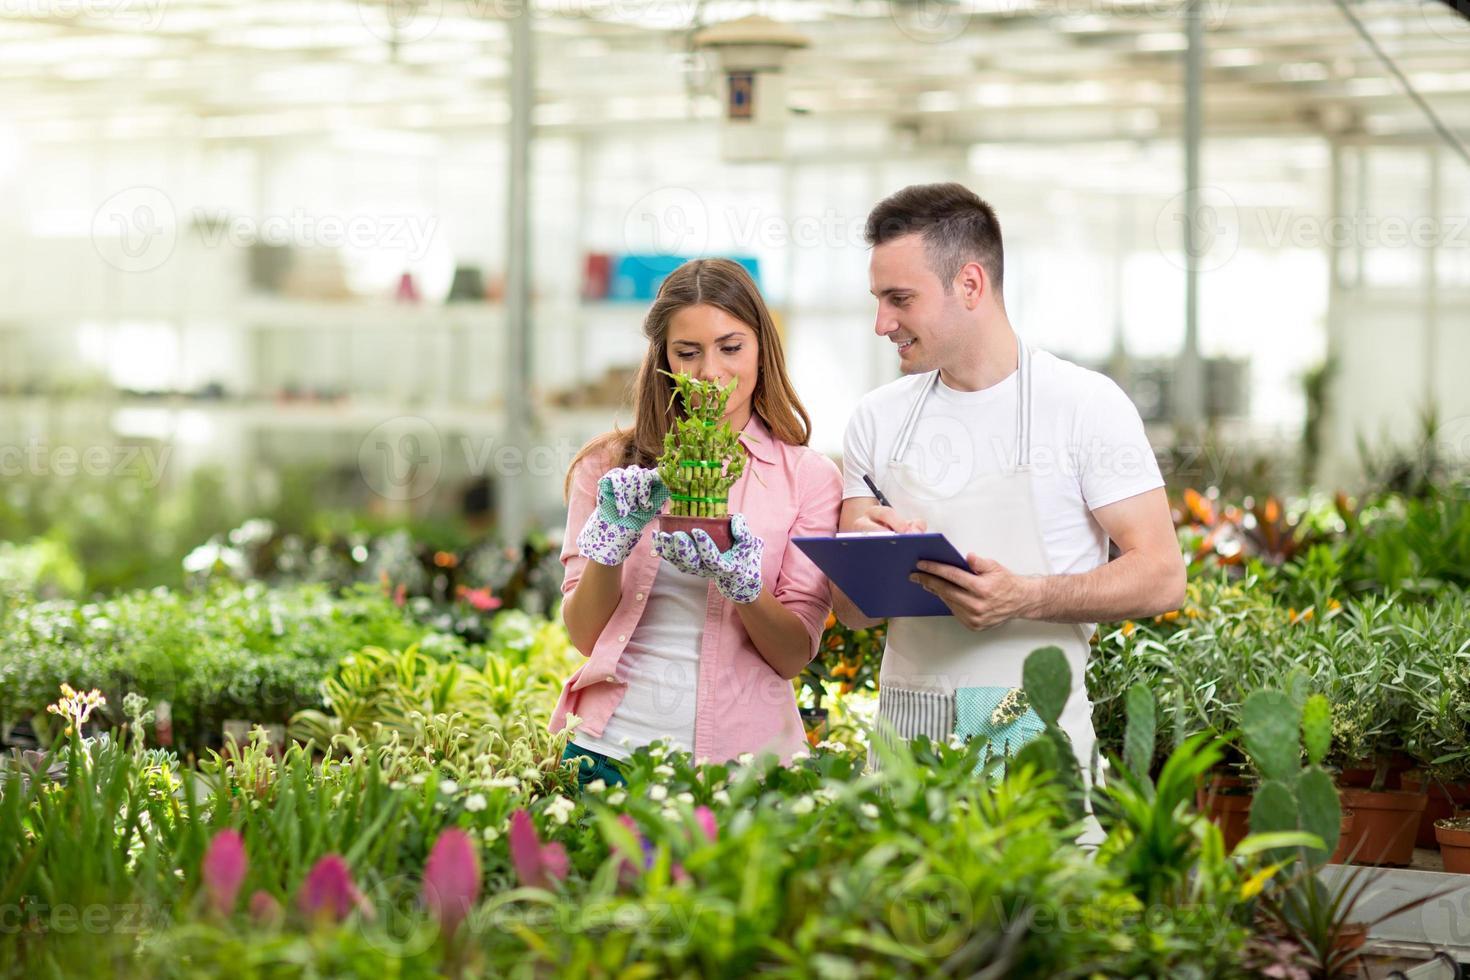 jonge botanici in kas foto